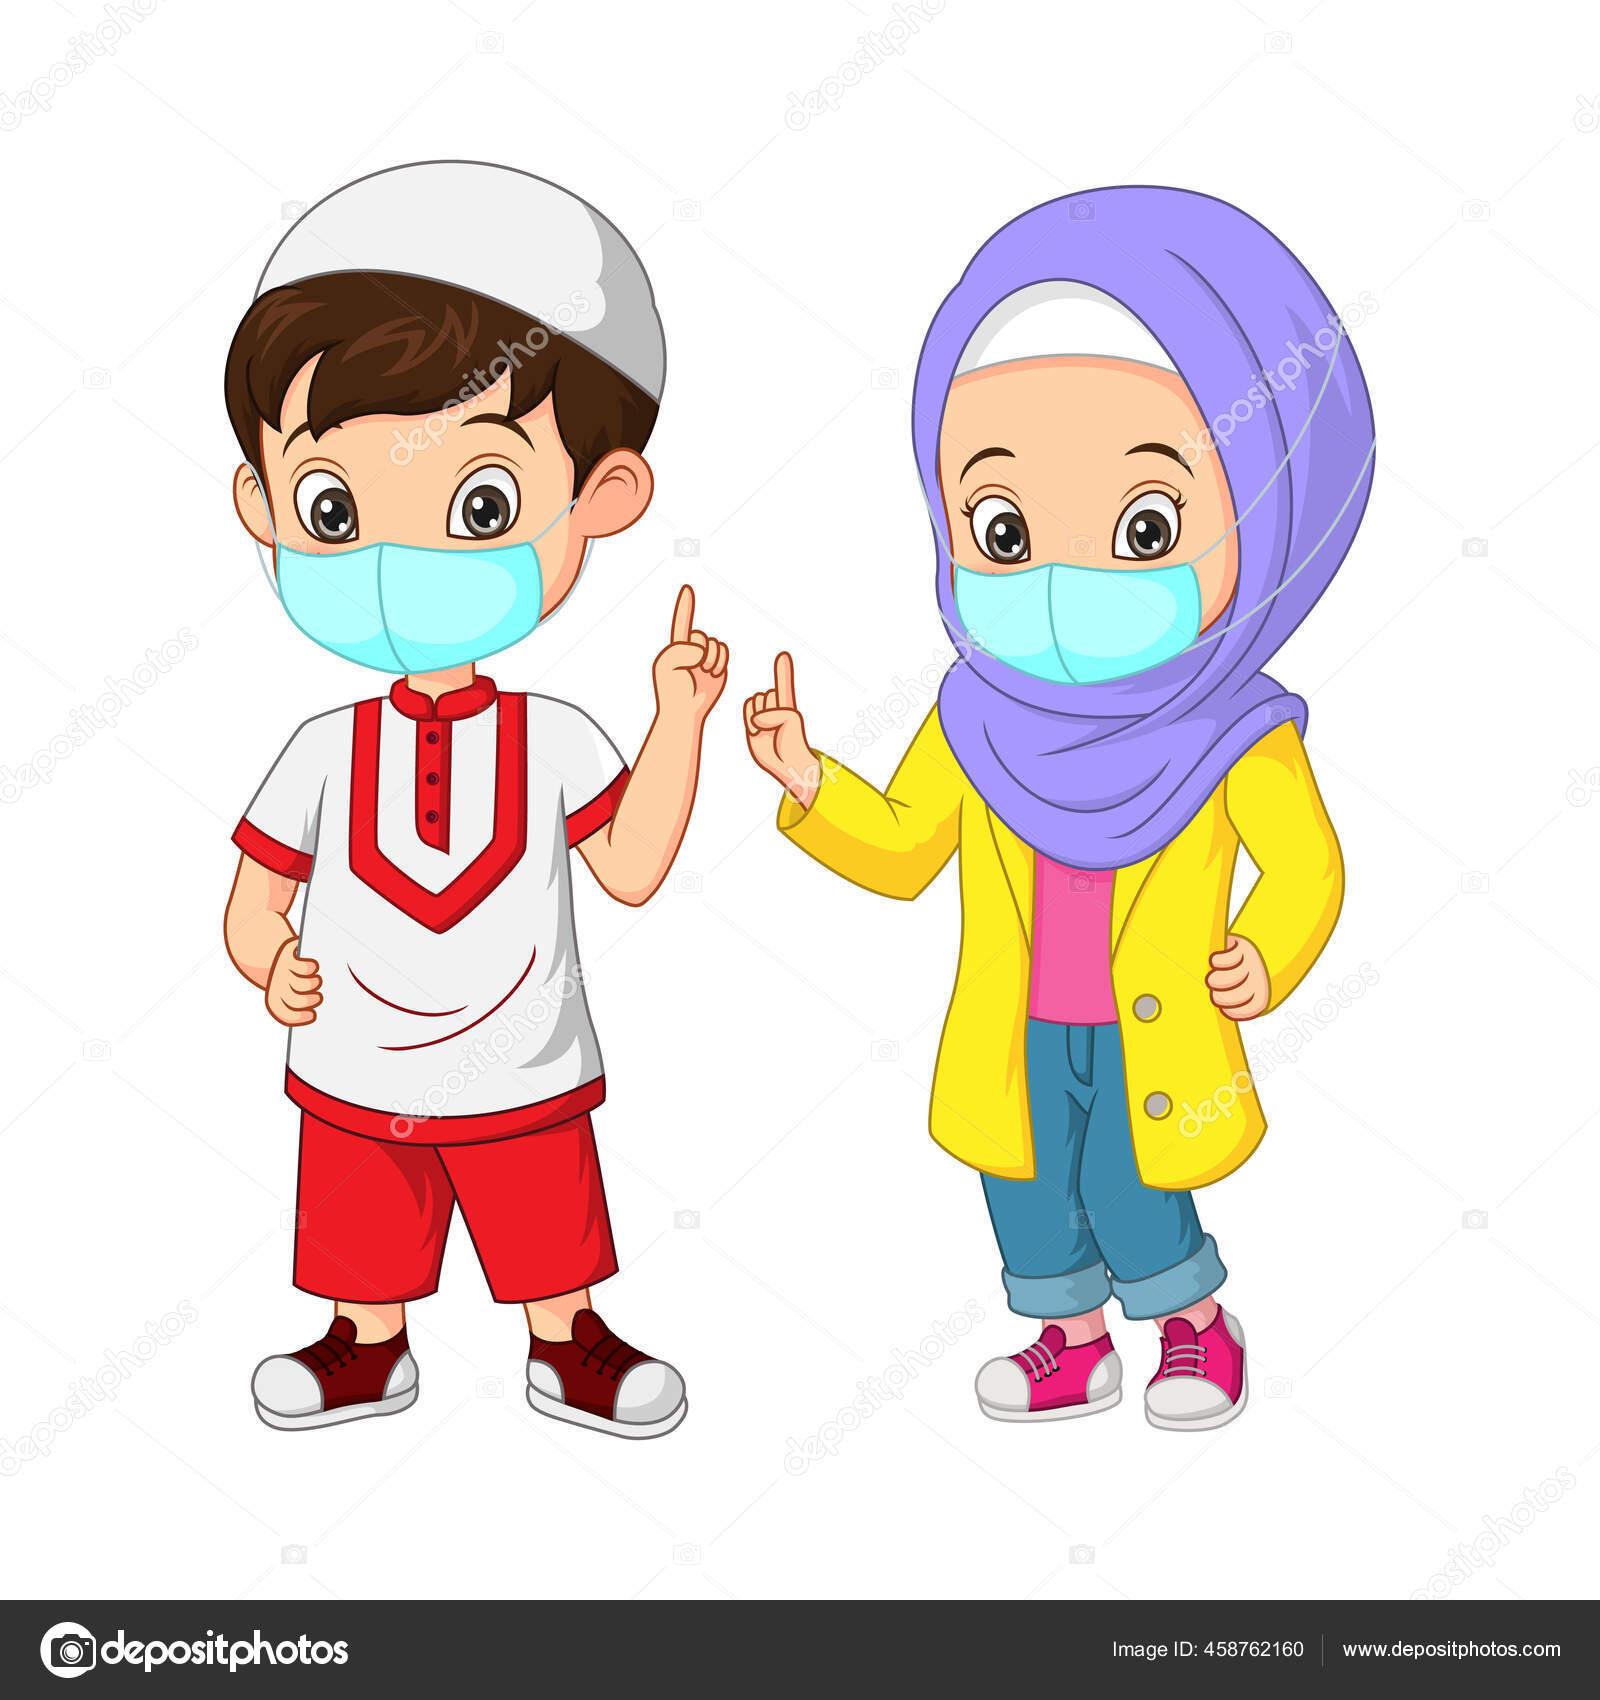 88 Malay Arab Hijab Vector Images Free Royalty Free Malay Arab Hijab Vectors Depositphotos